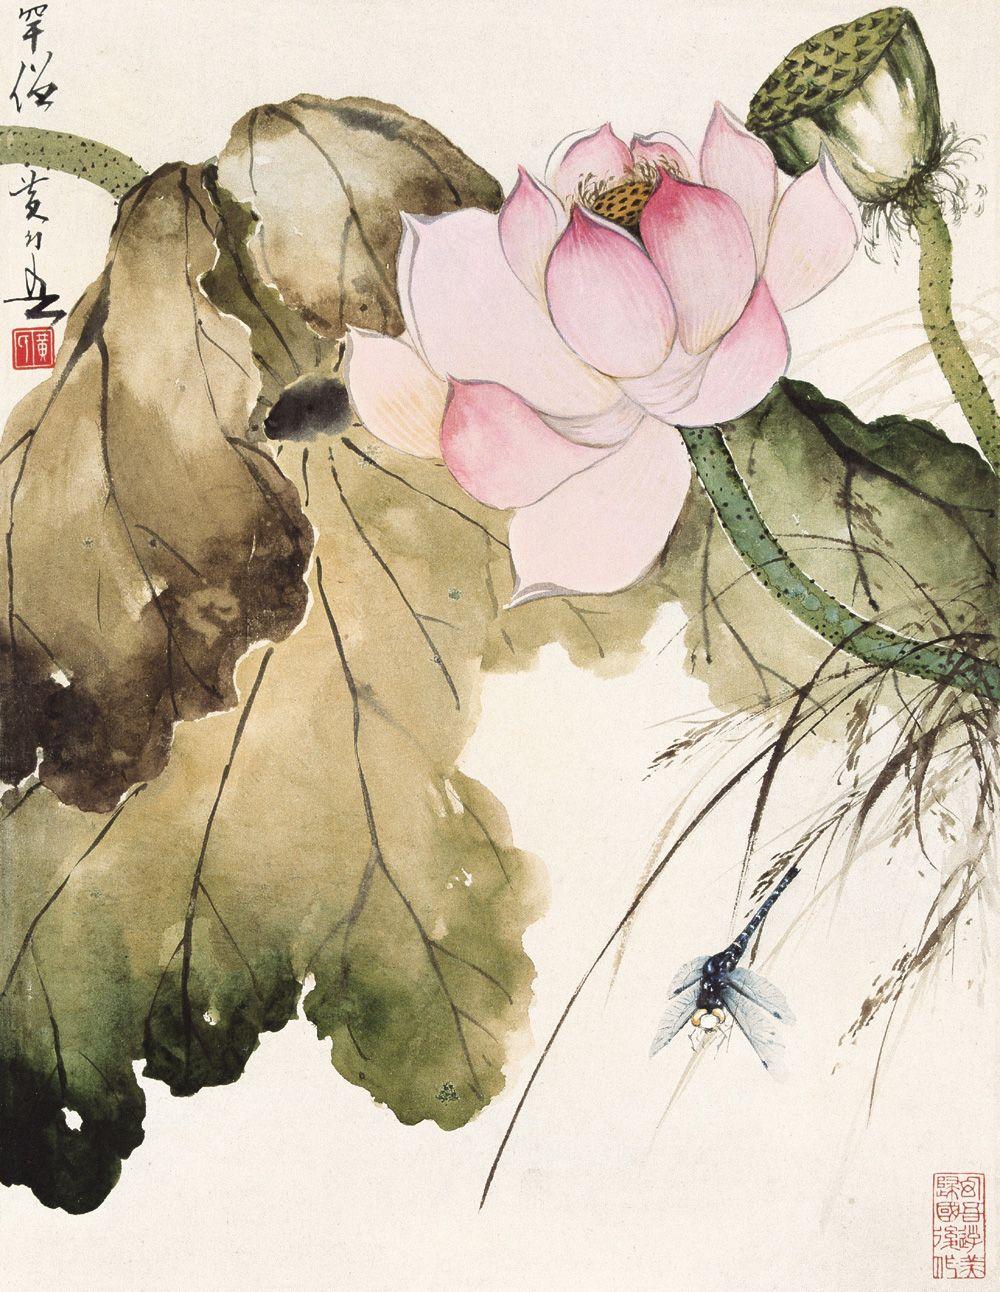 Masterhuanghuanwu Chineseinkpainting Sumielotus 筆 イラスト 蓮の花 中国の絵画